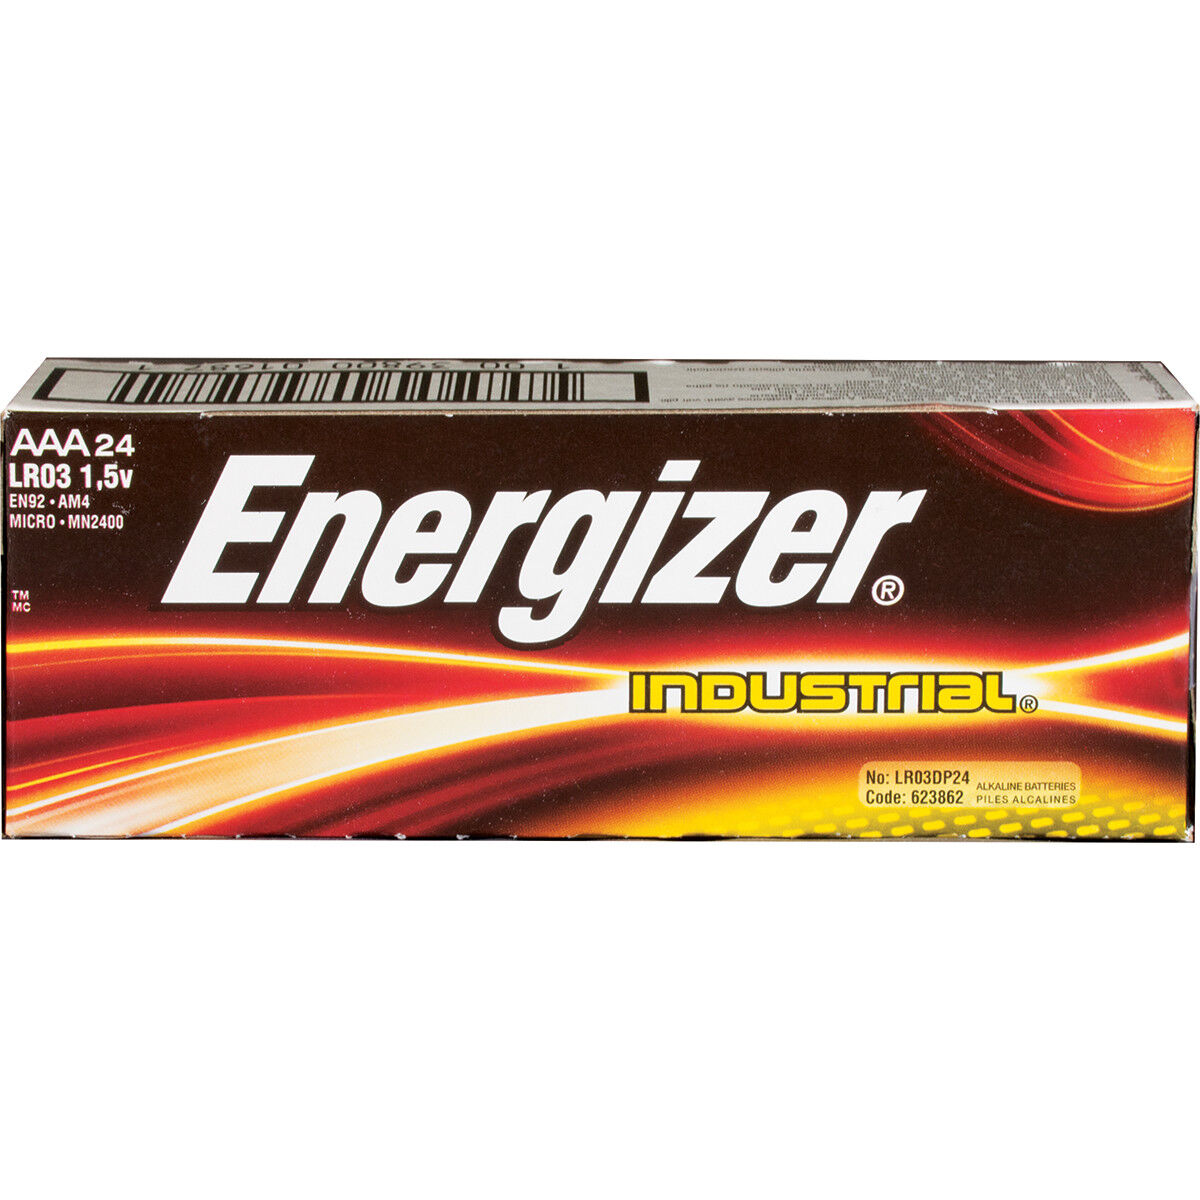 industrial en92 aaa batteries 24 pack